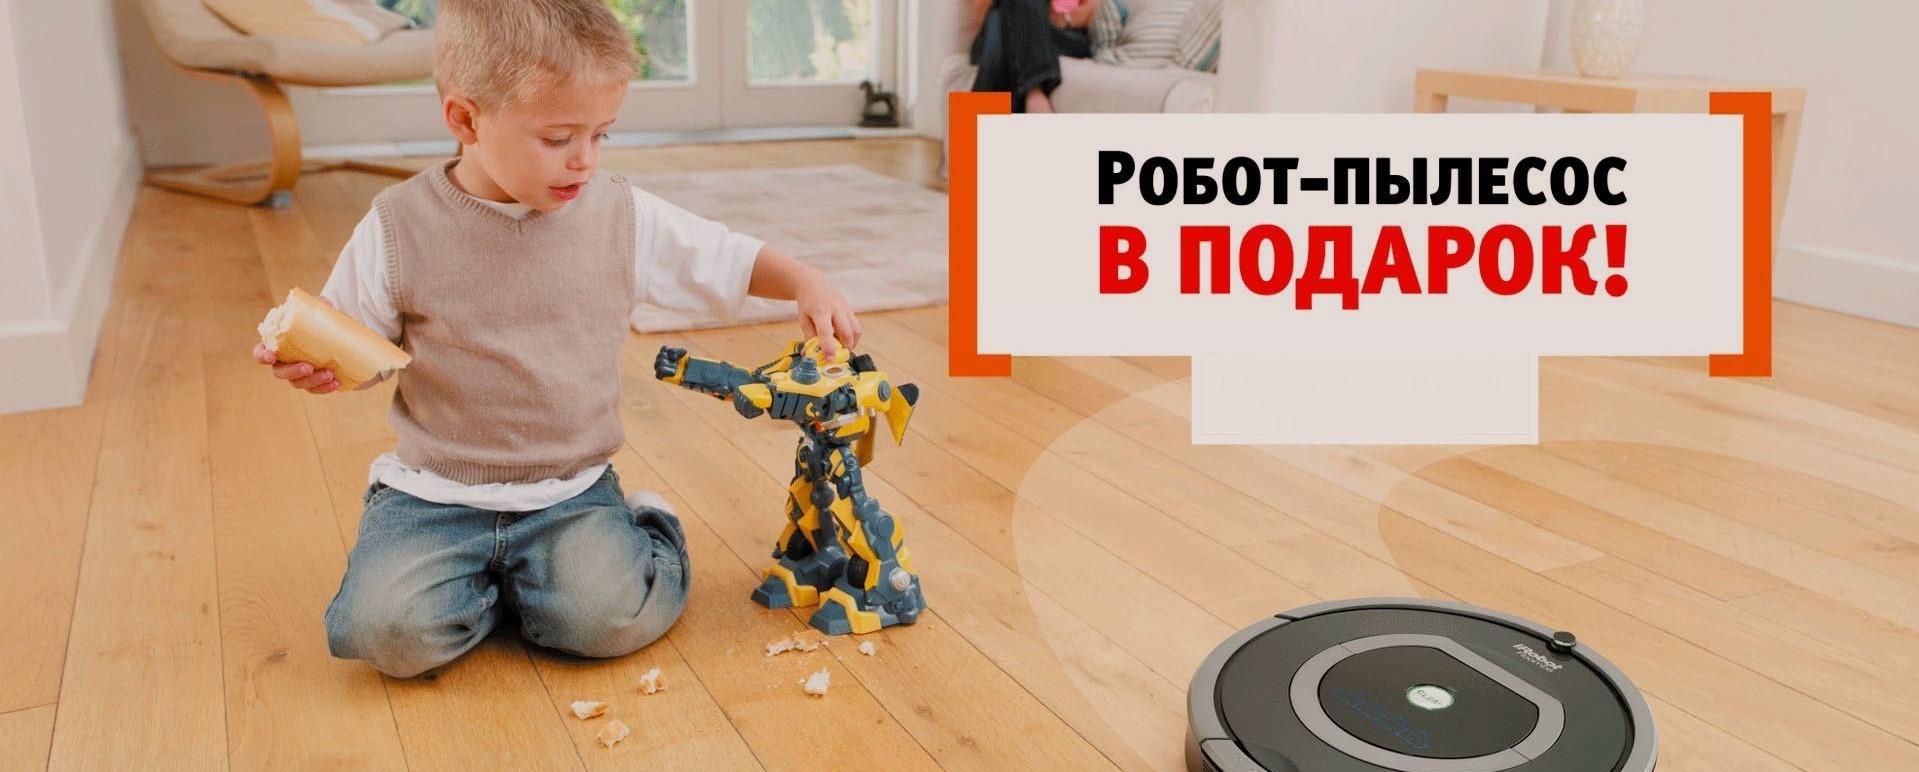 РОБОТ-ПЫЛЕСОС В ПОДАРОК!+7 (4212) 605-660